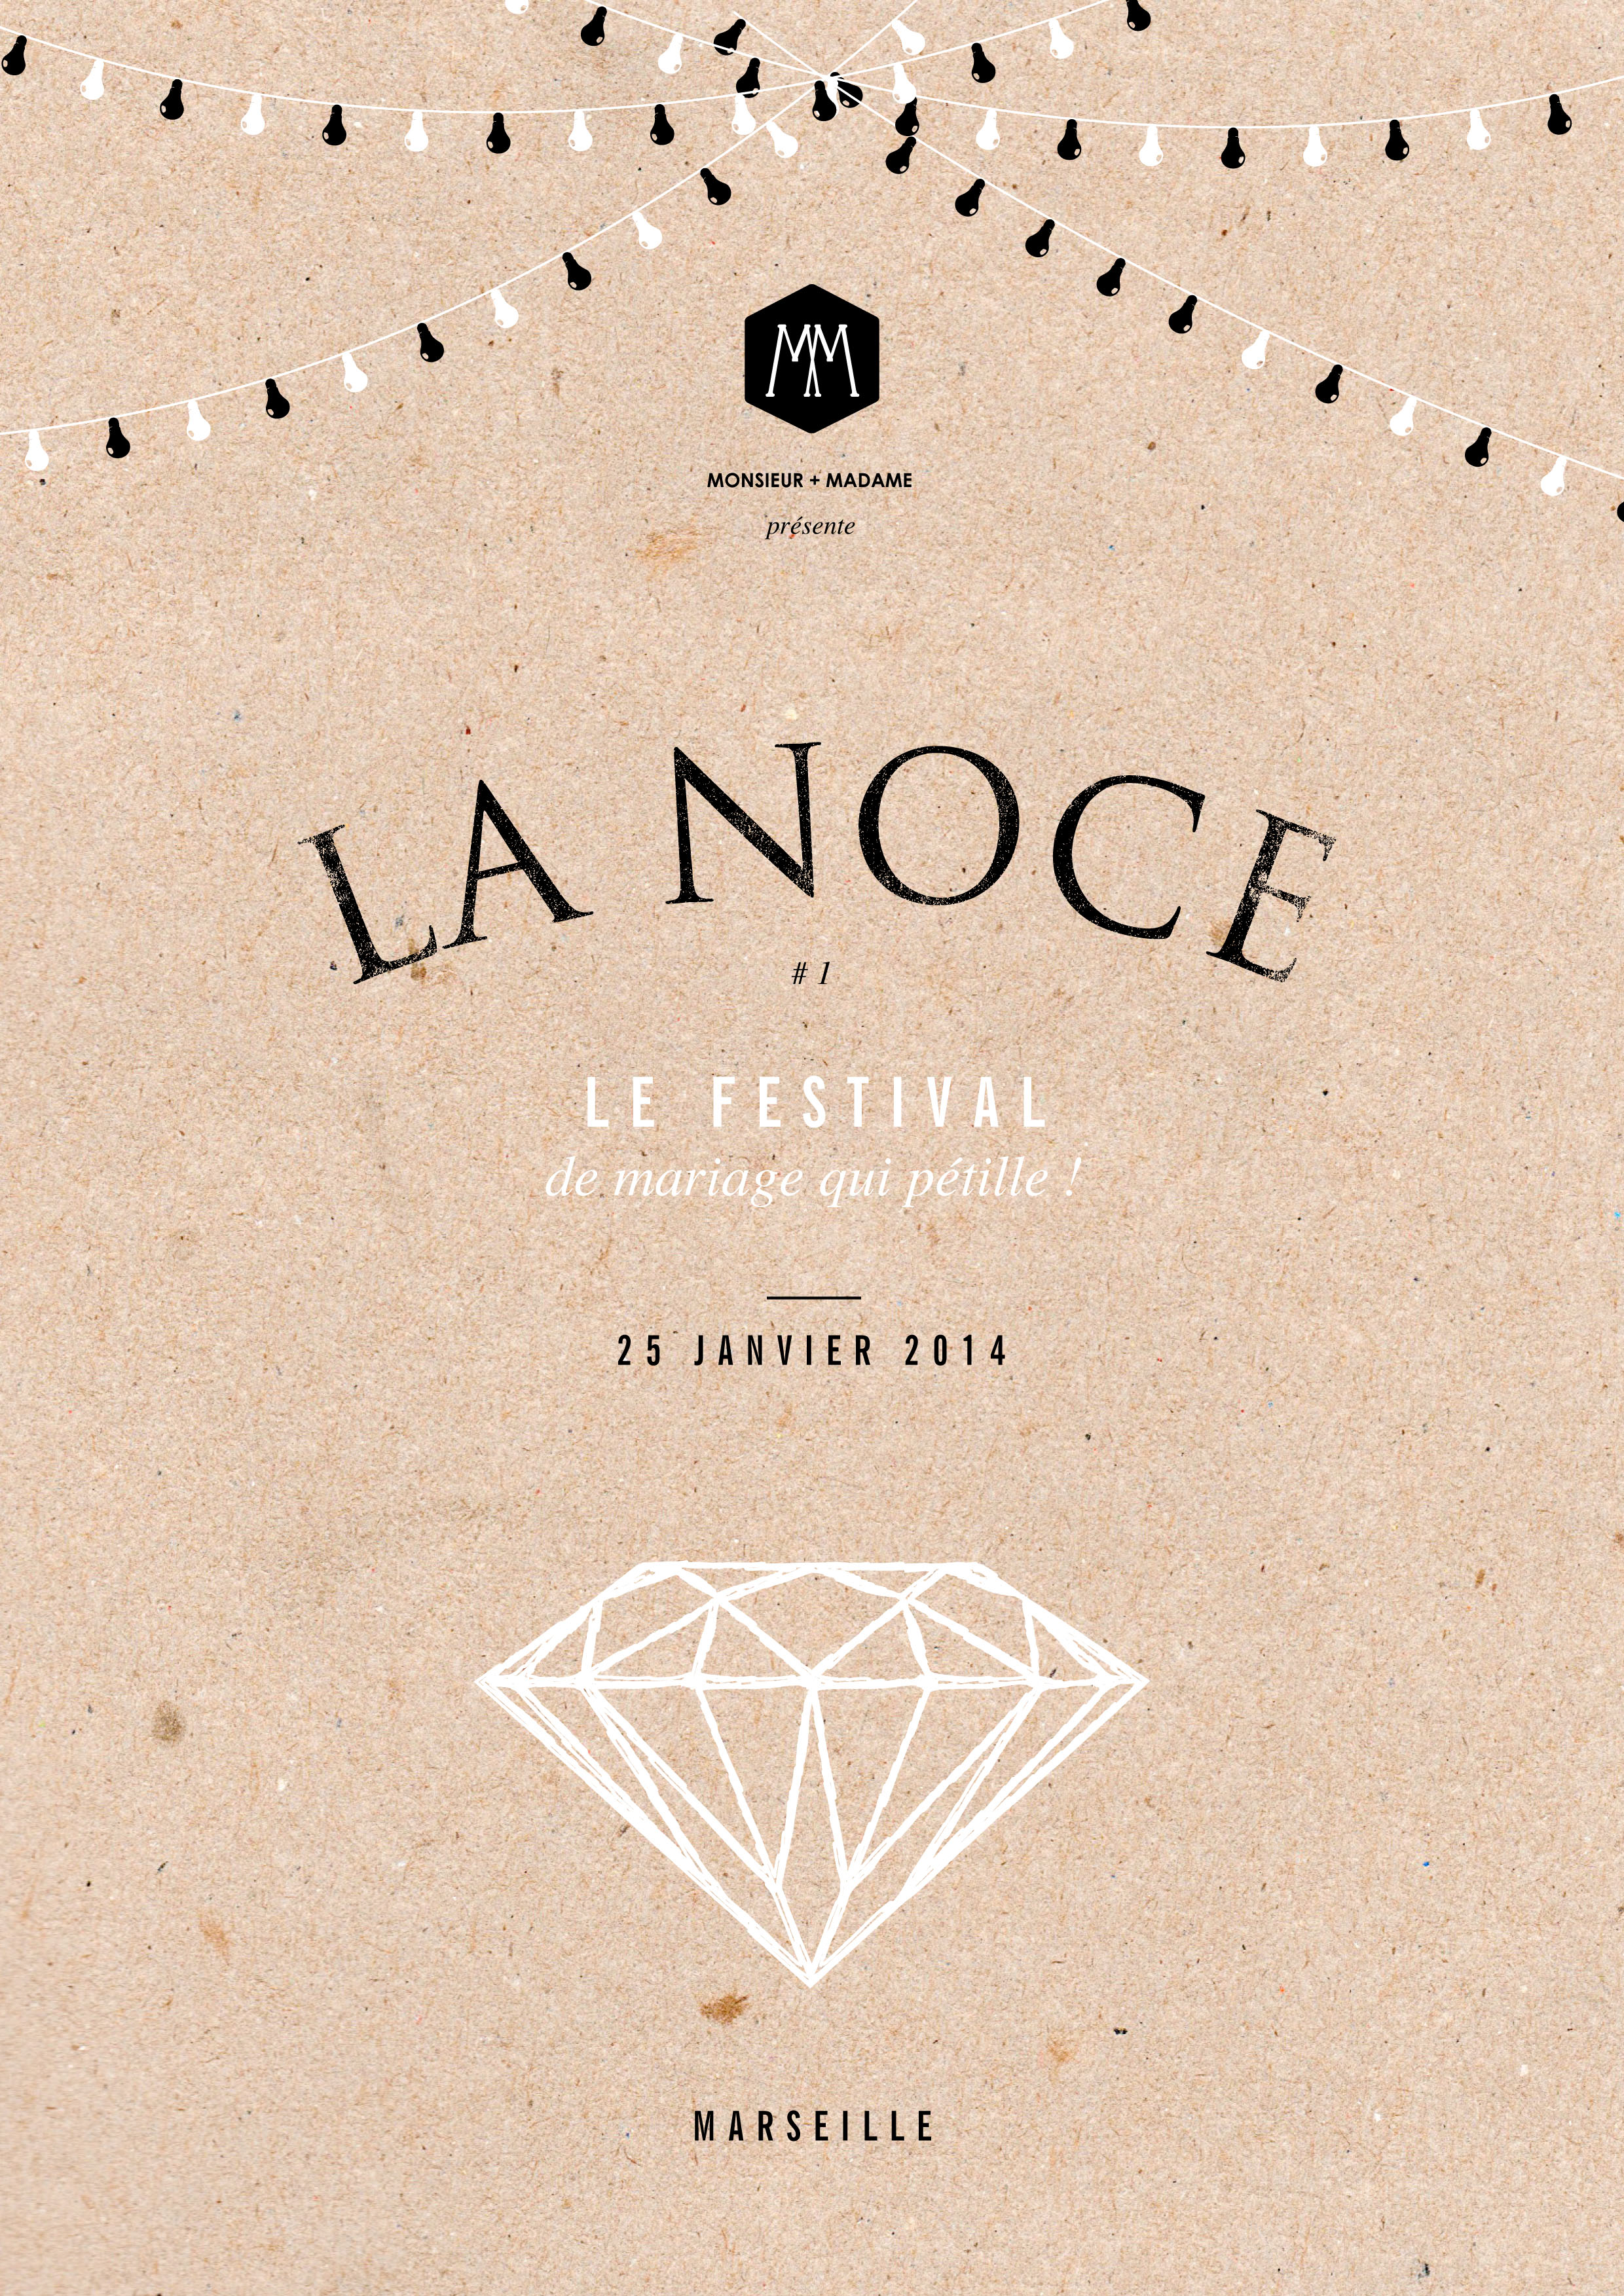 La_noce